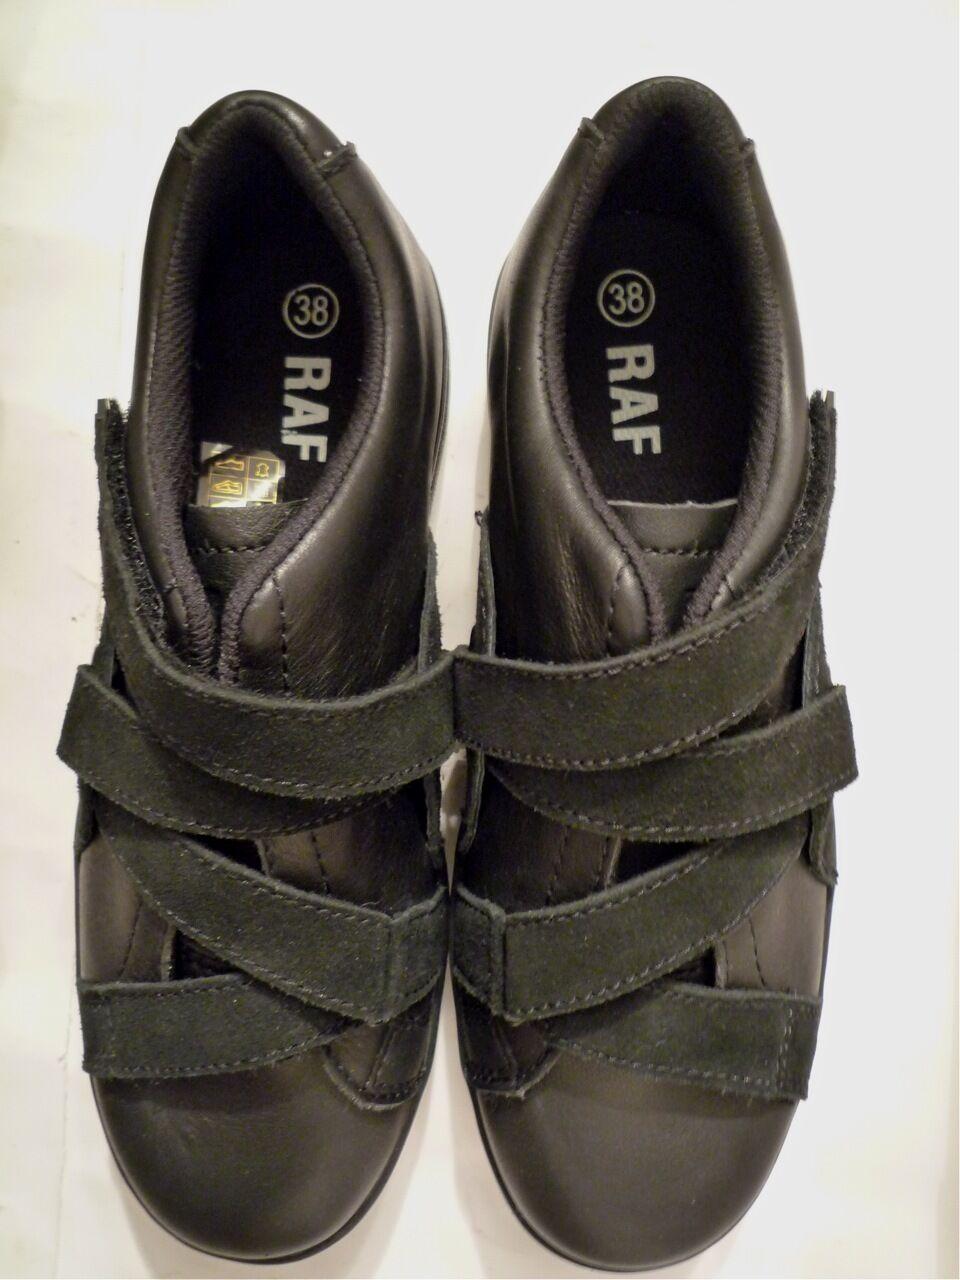 si affrettò a vedere RAF RAF RAF BY RAF SIMONS nero SUEDE and LEATHER STRAPPED scarpe da ginnastica EU 38  100% nuovo di zecca con qualità originale